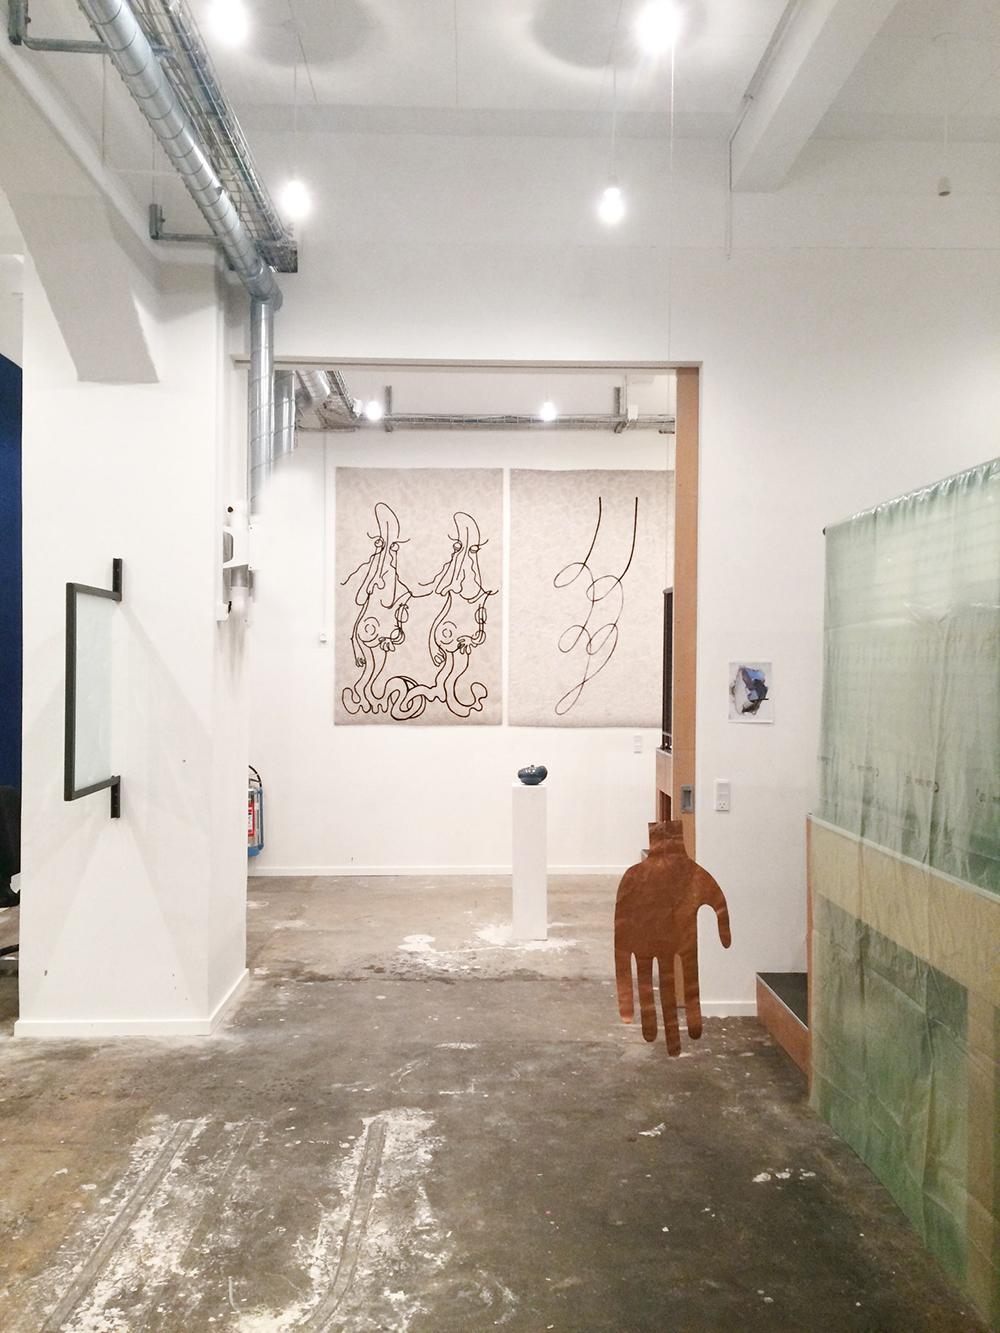 Værker af Martha Hviid og Matilde Duus, som arbejdede i Bikubenfondens atelier i 2017-2018.